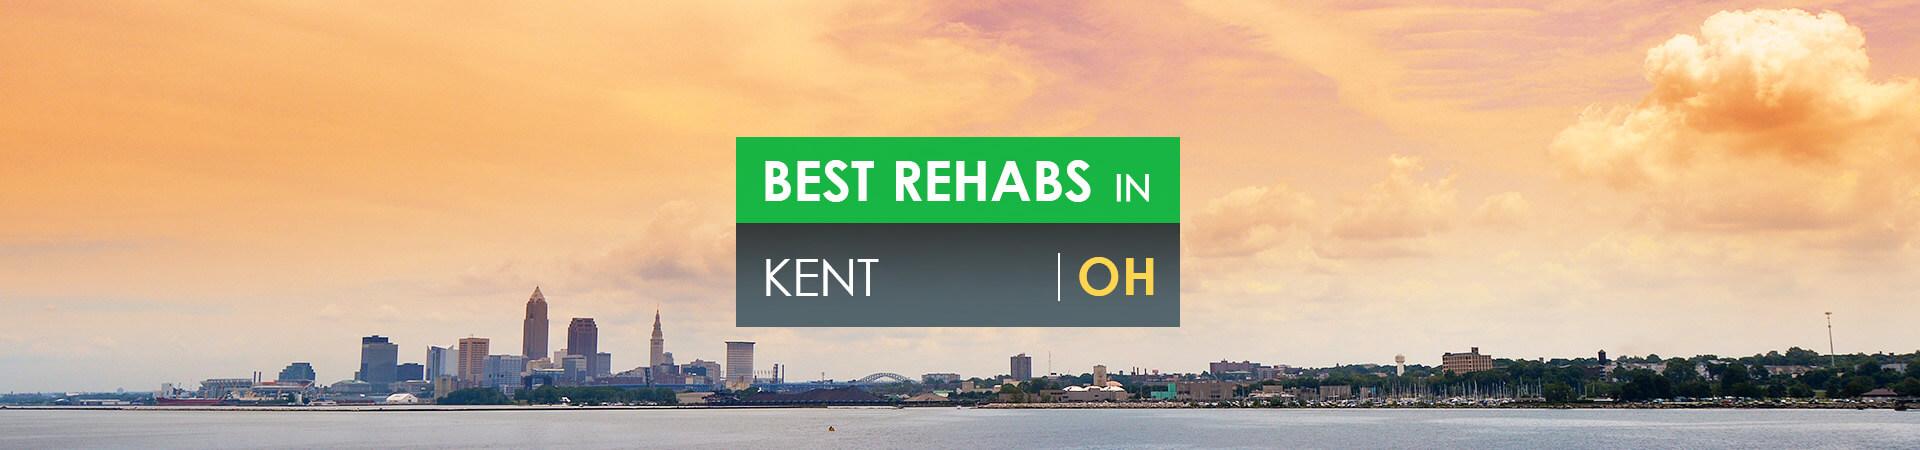 Best rehabs in Kent, OH